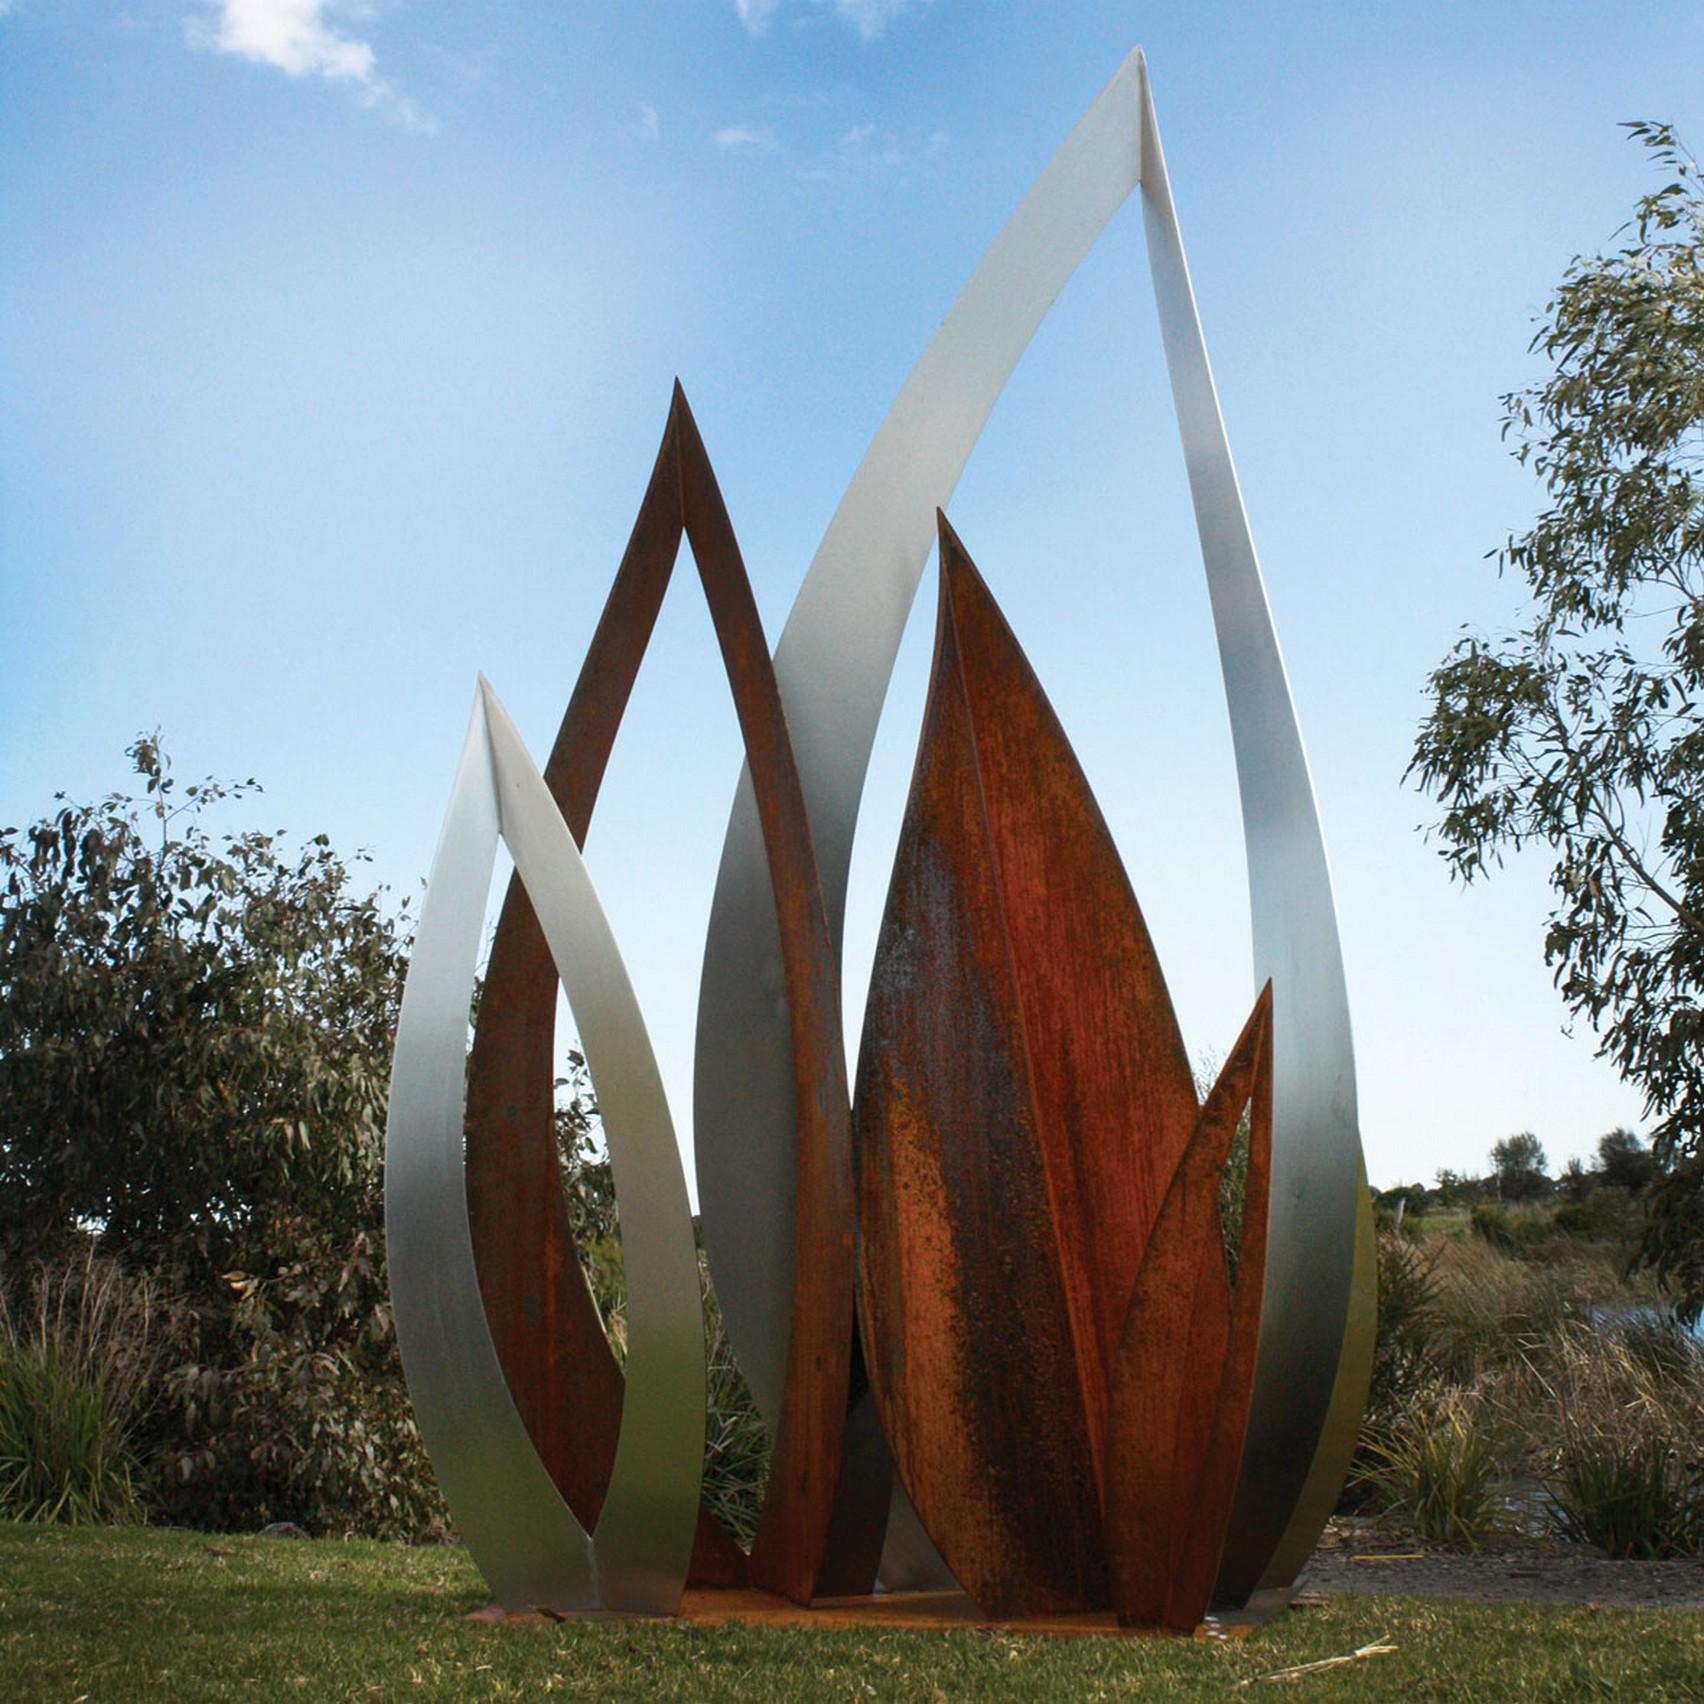 Hollow Leaf Corten steel sculpture in garden by PLR Design